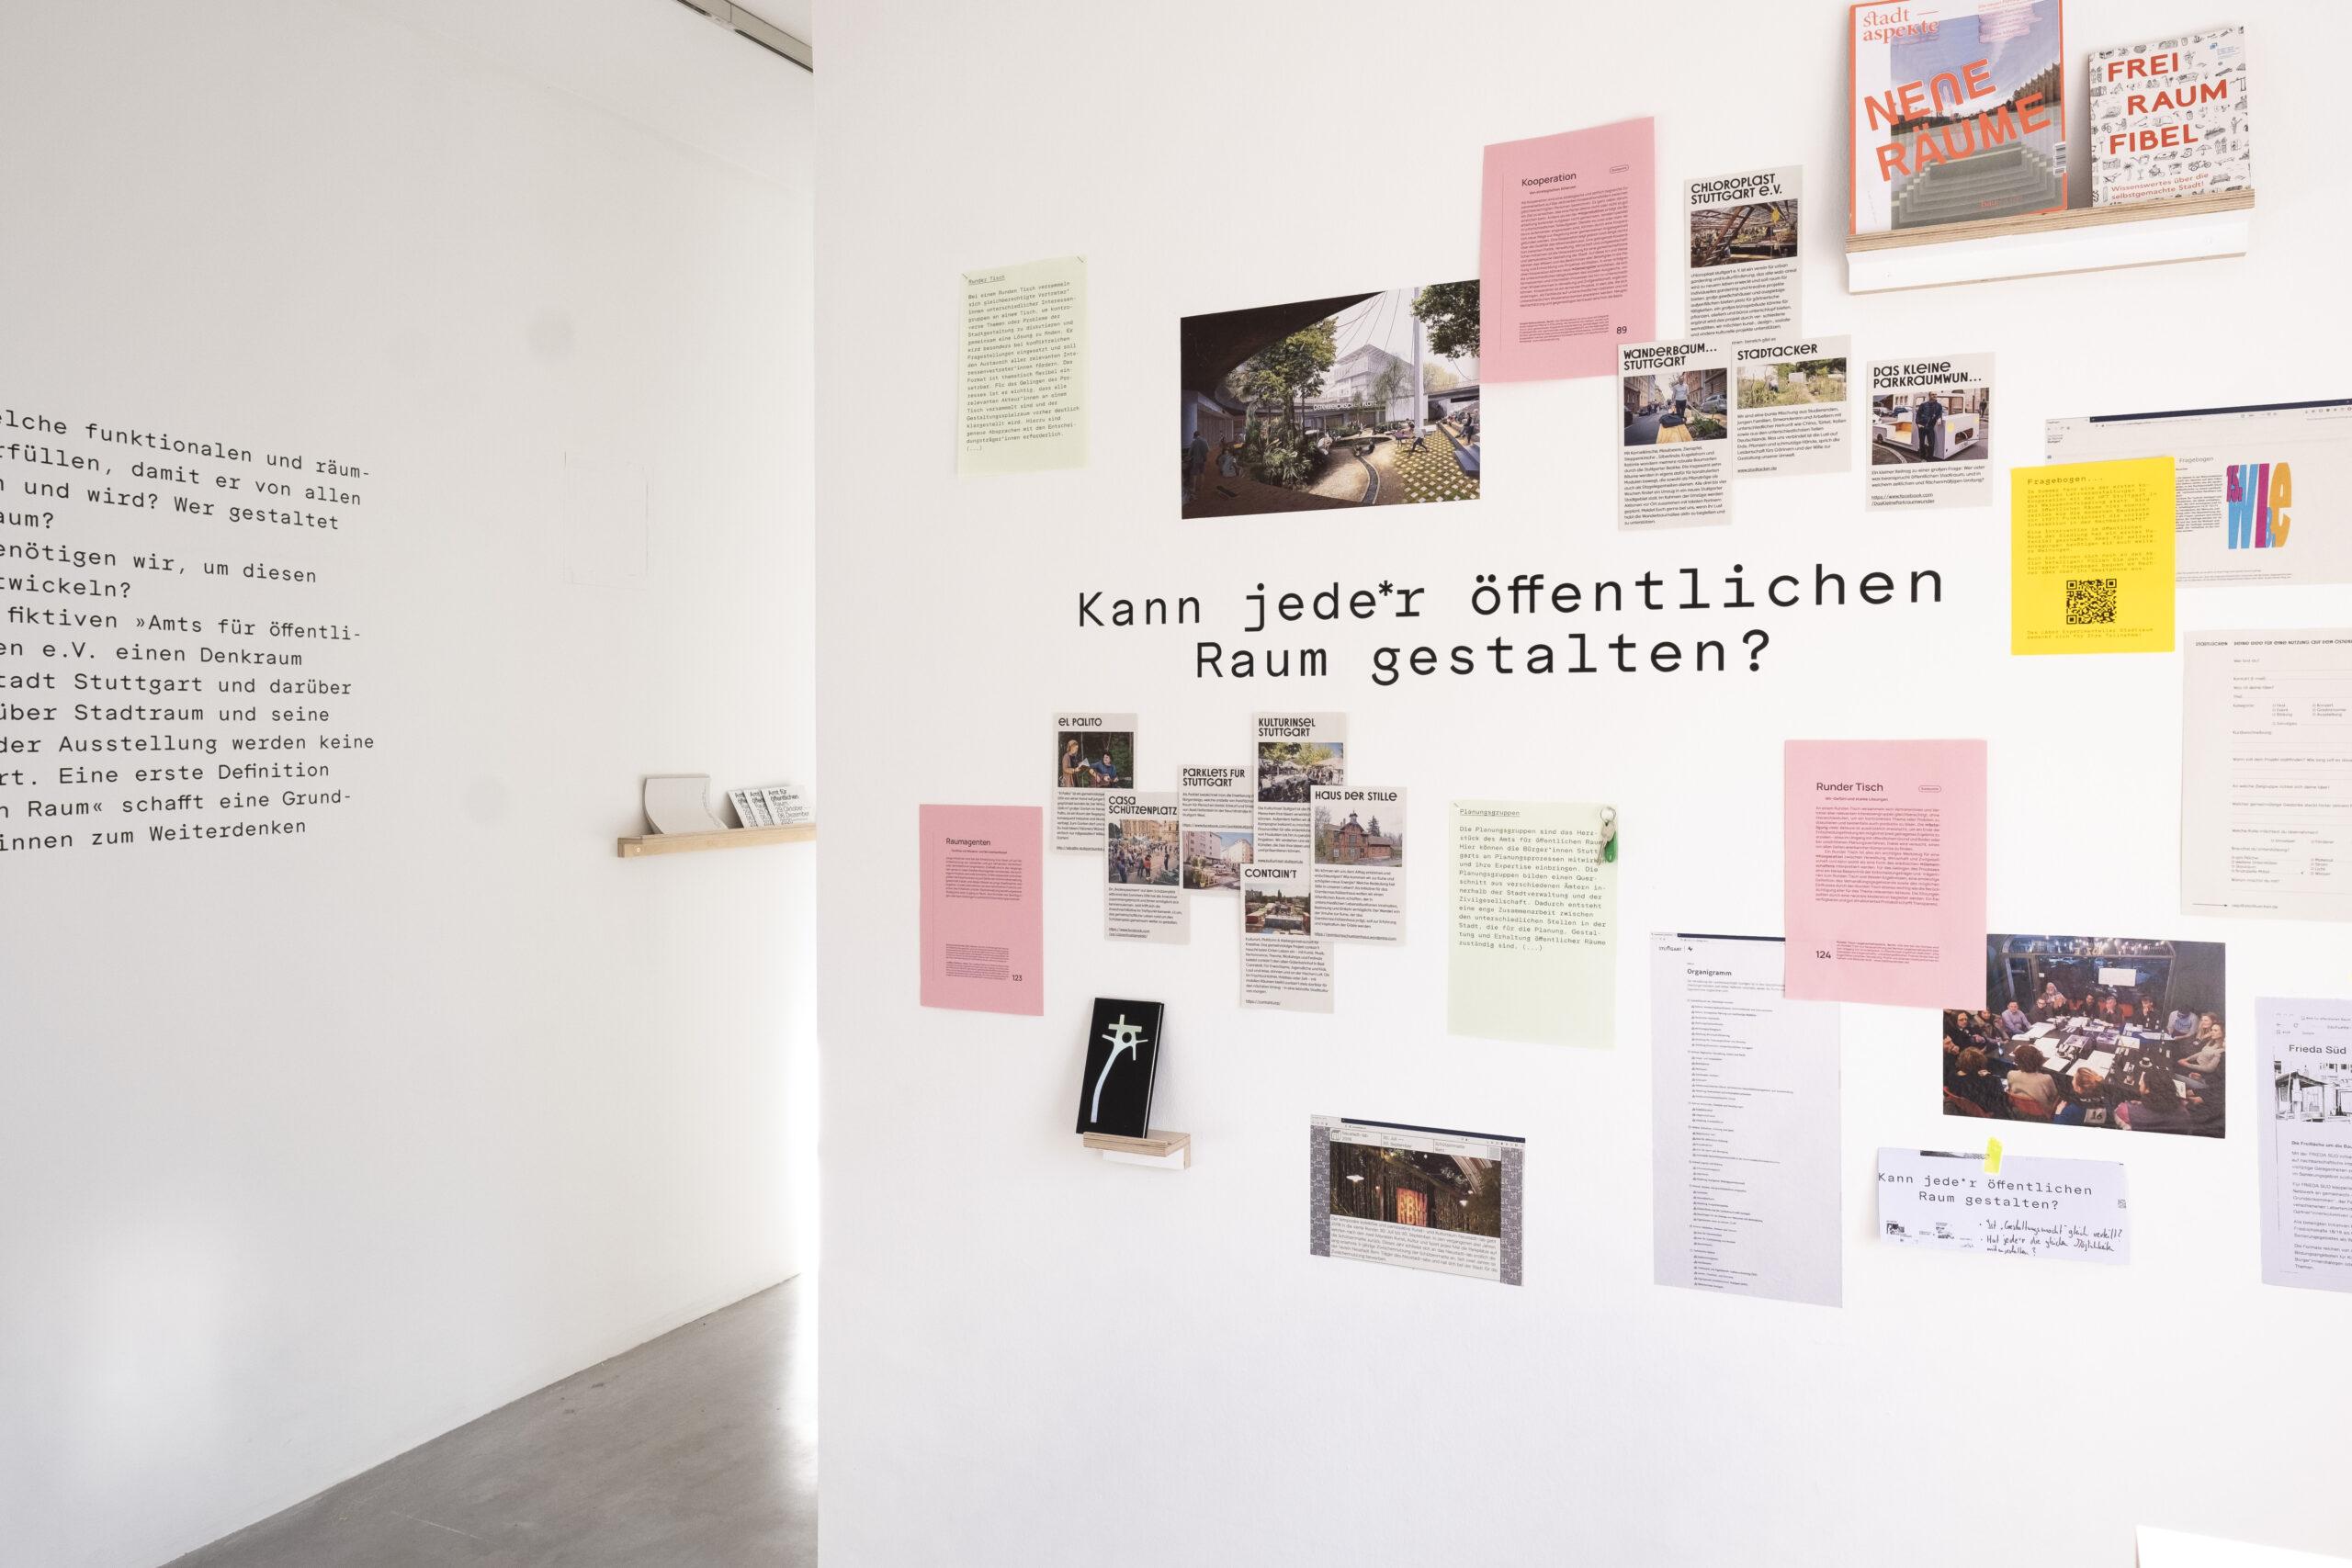 Sebastian Klawiter Amt für öffentlichen Raum Ausstellung Gallerie am Weißenhof Stuttgart Stadtplanung architektur